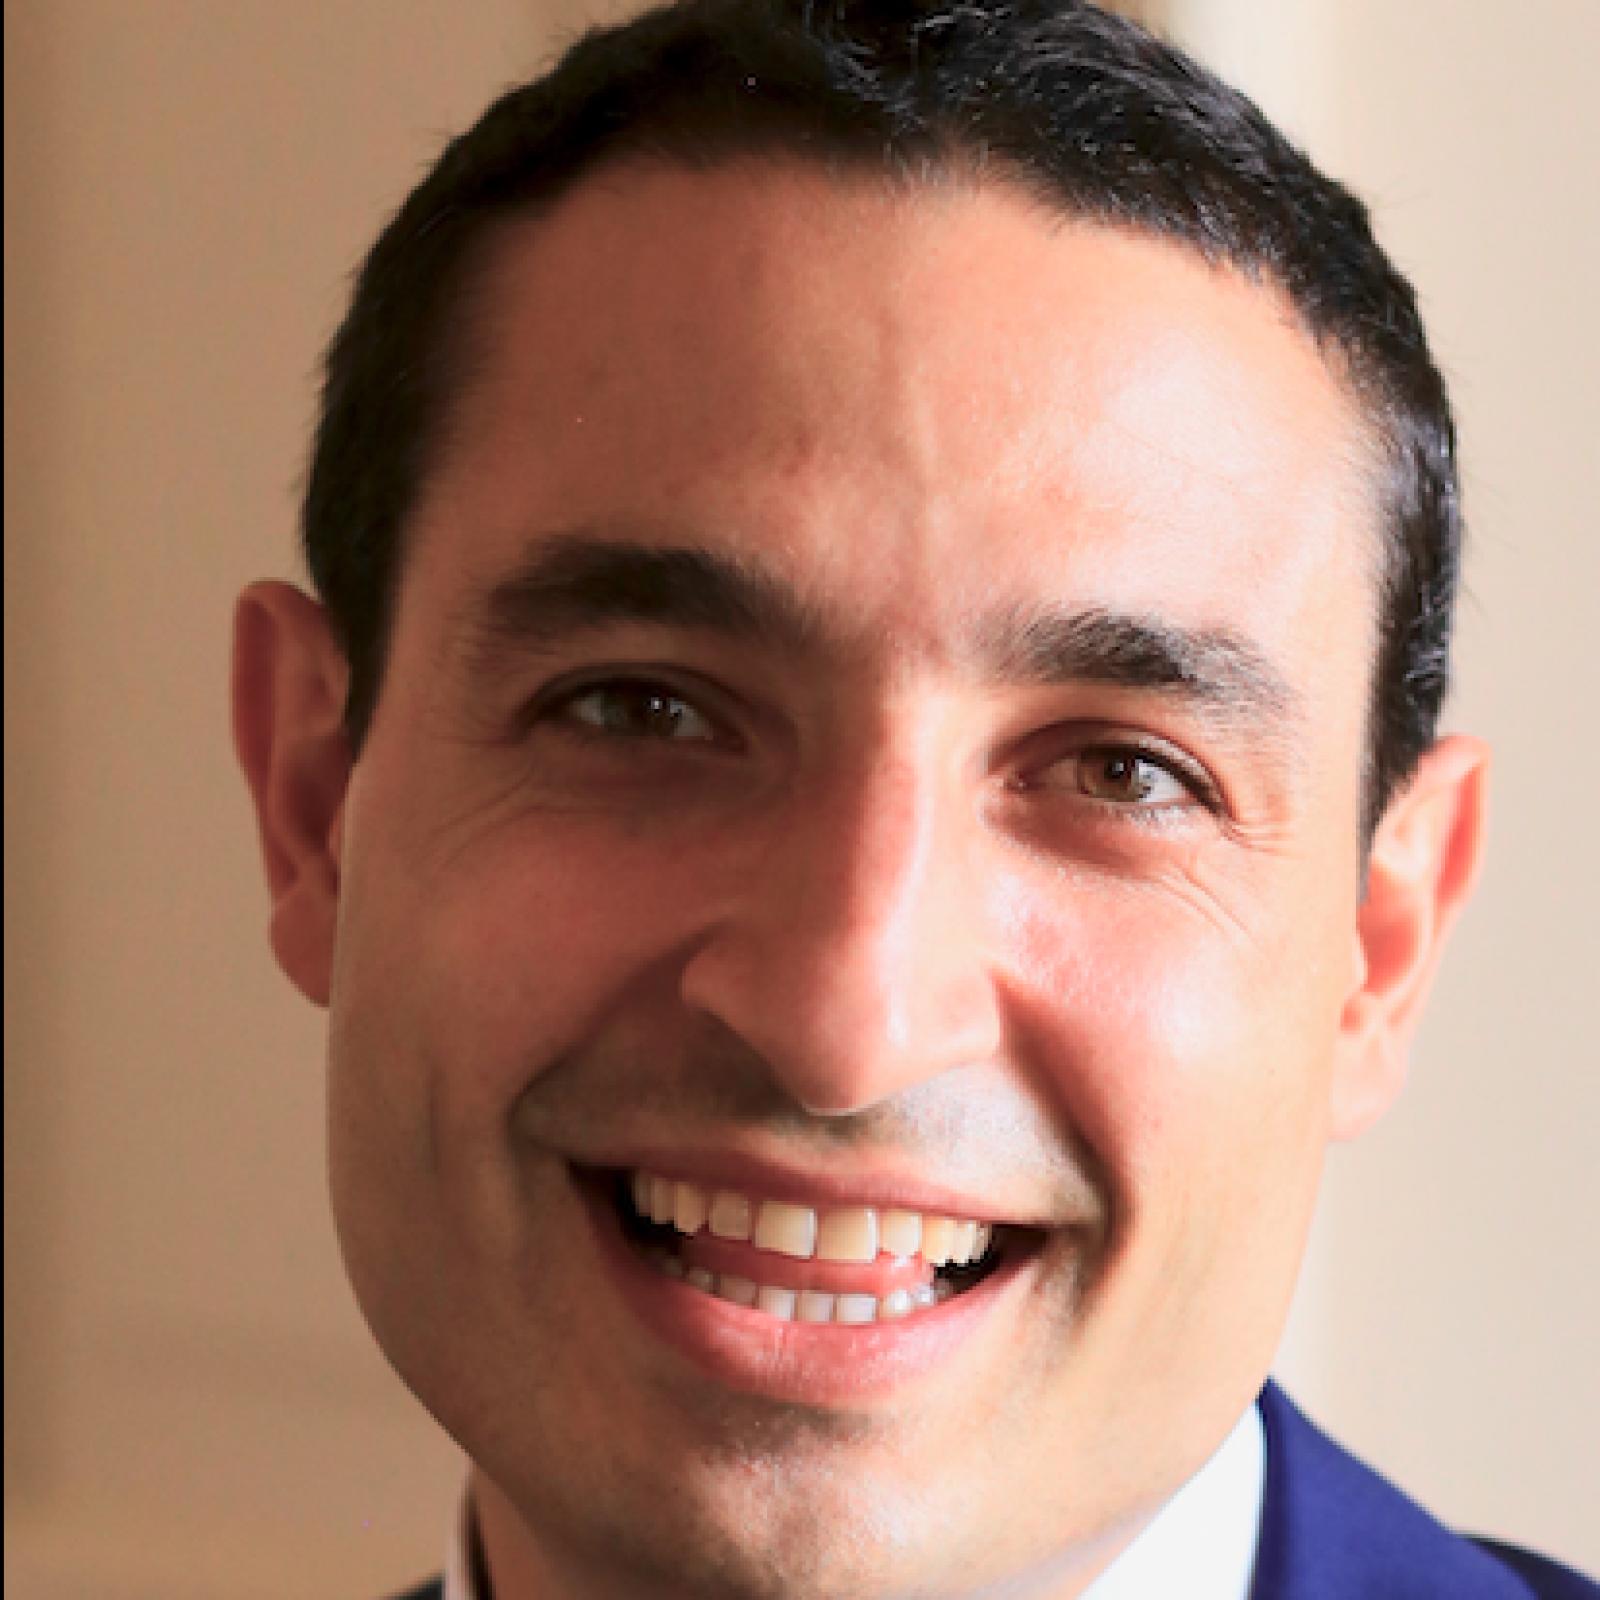 Dr. Vito Romano